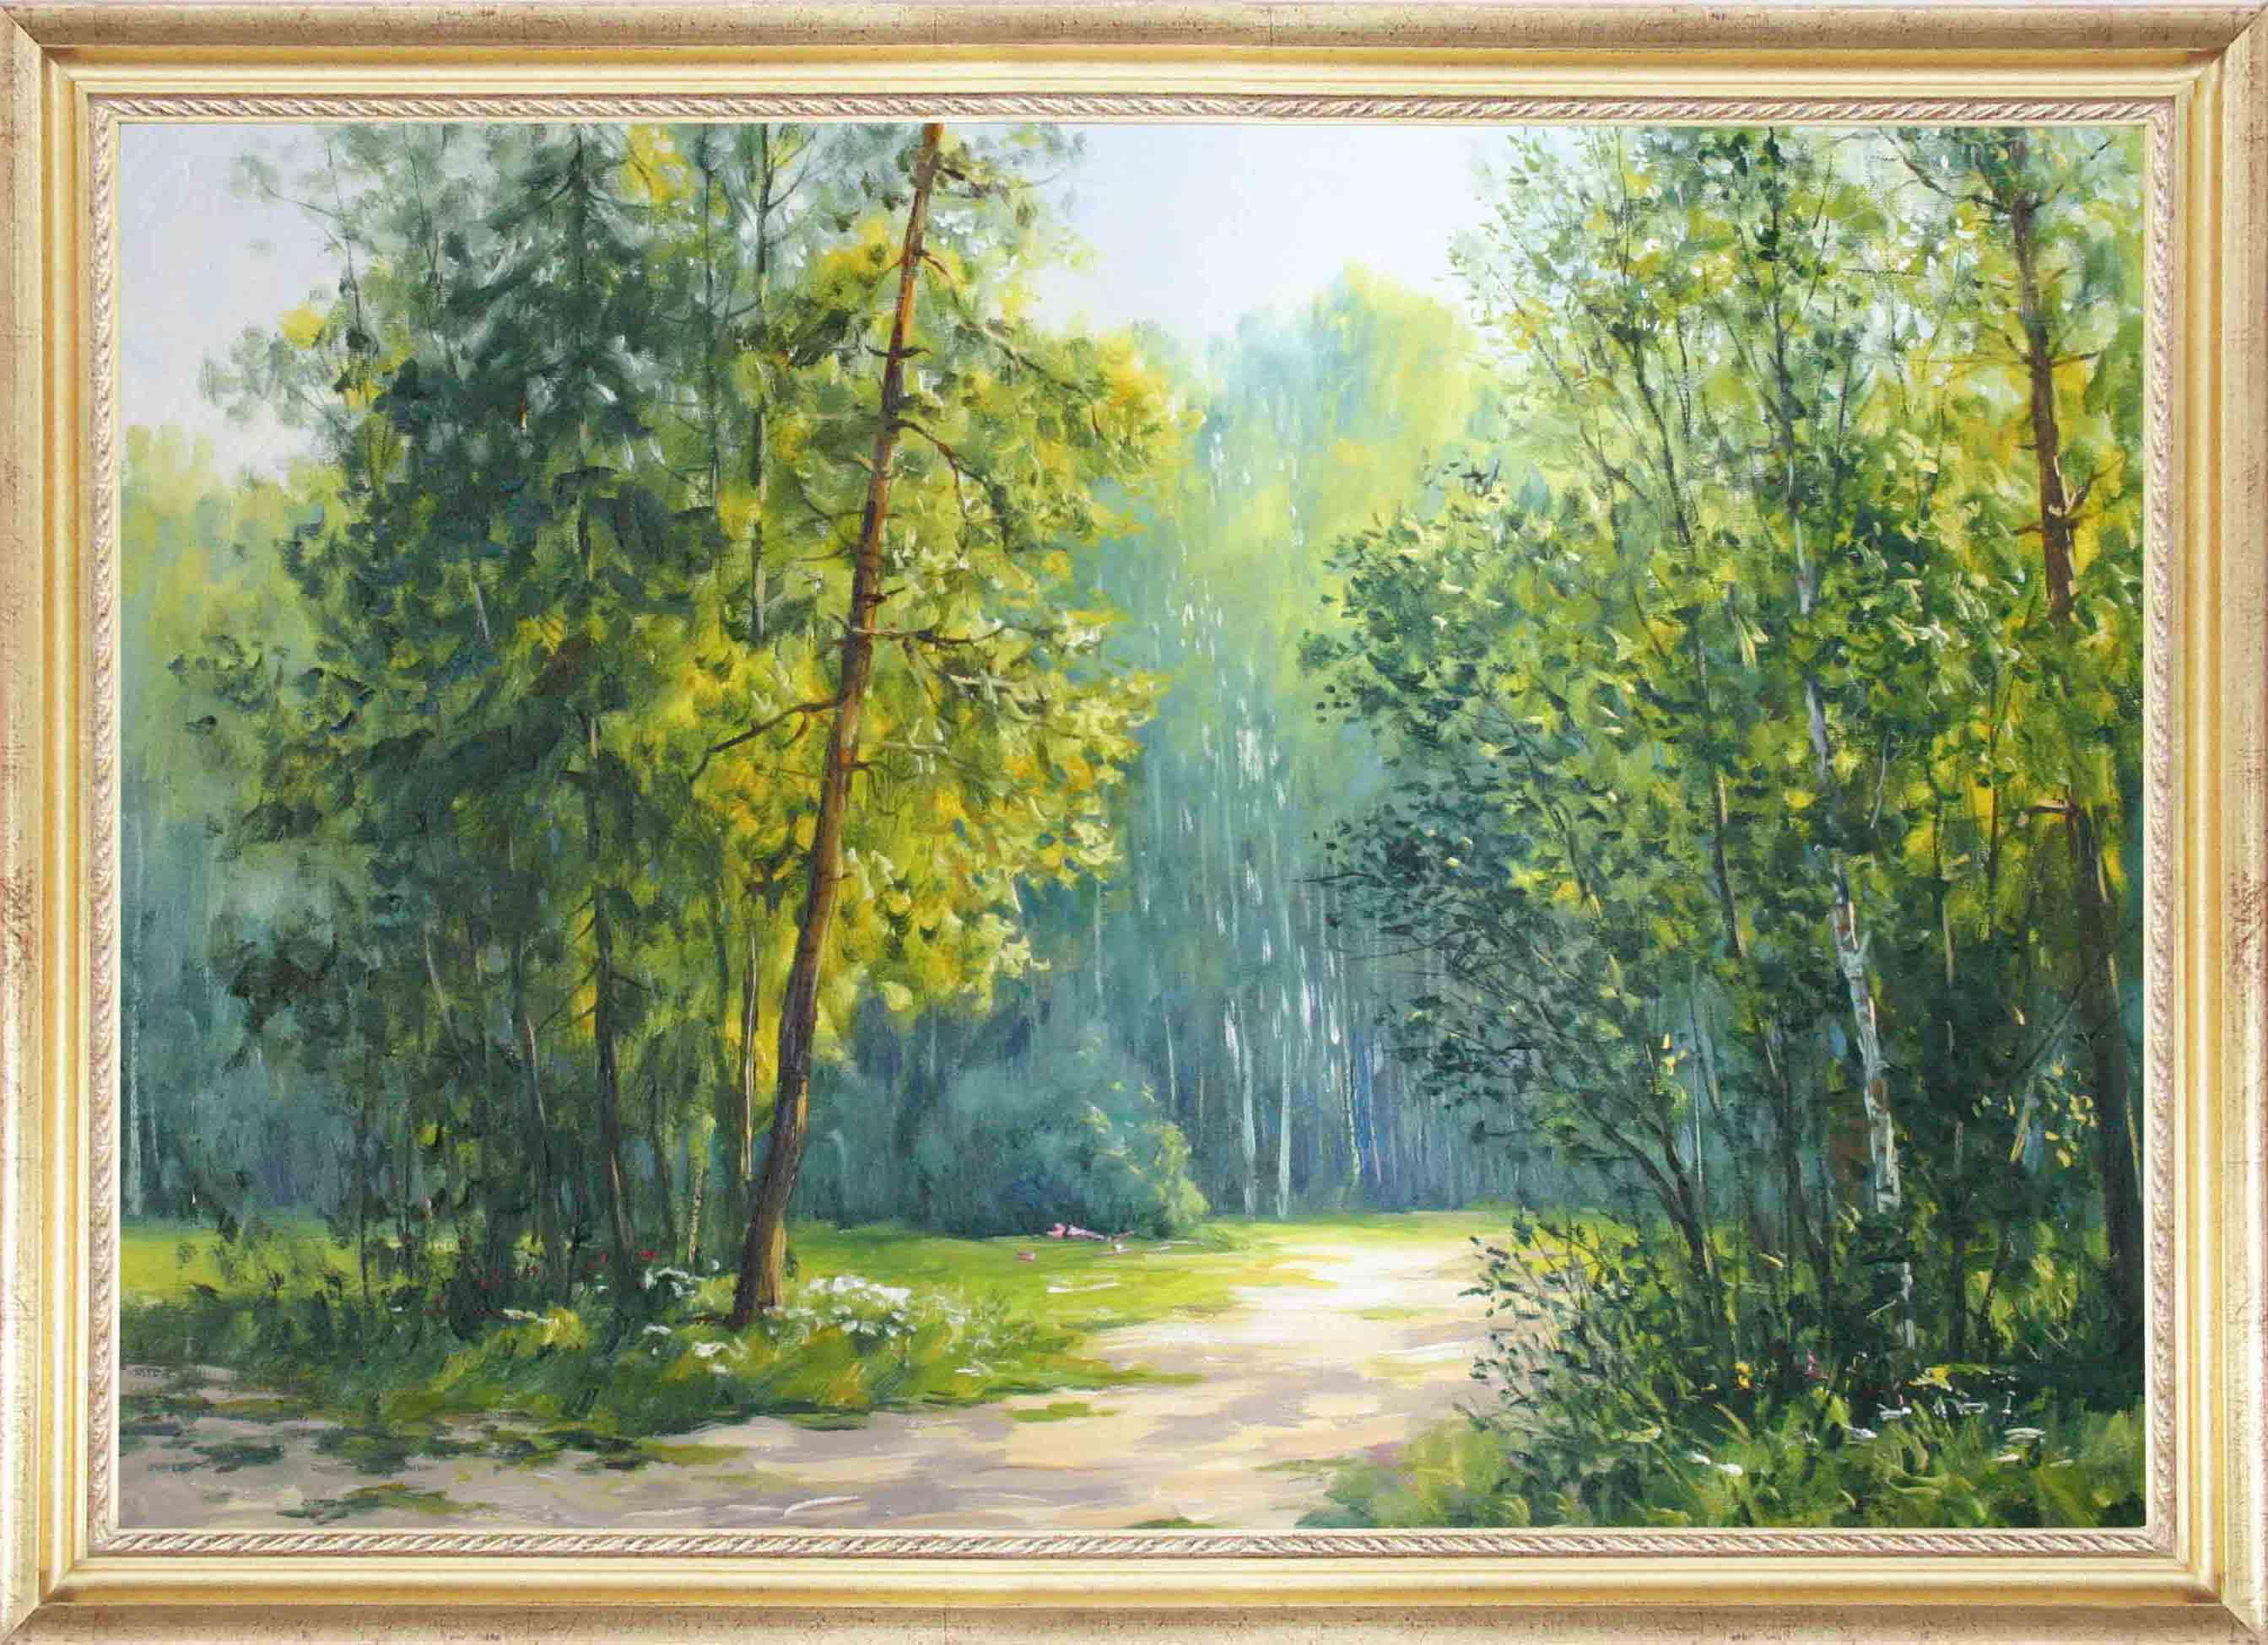 Отзывы о картинах, бесплатные фото ...: pictures11.ru/otzyvy-o-kartinah.html